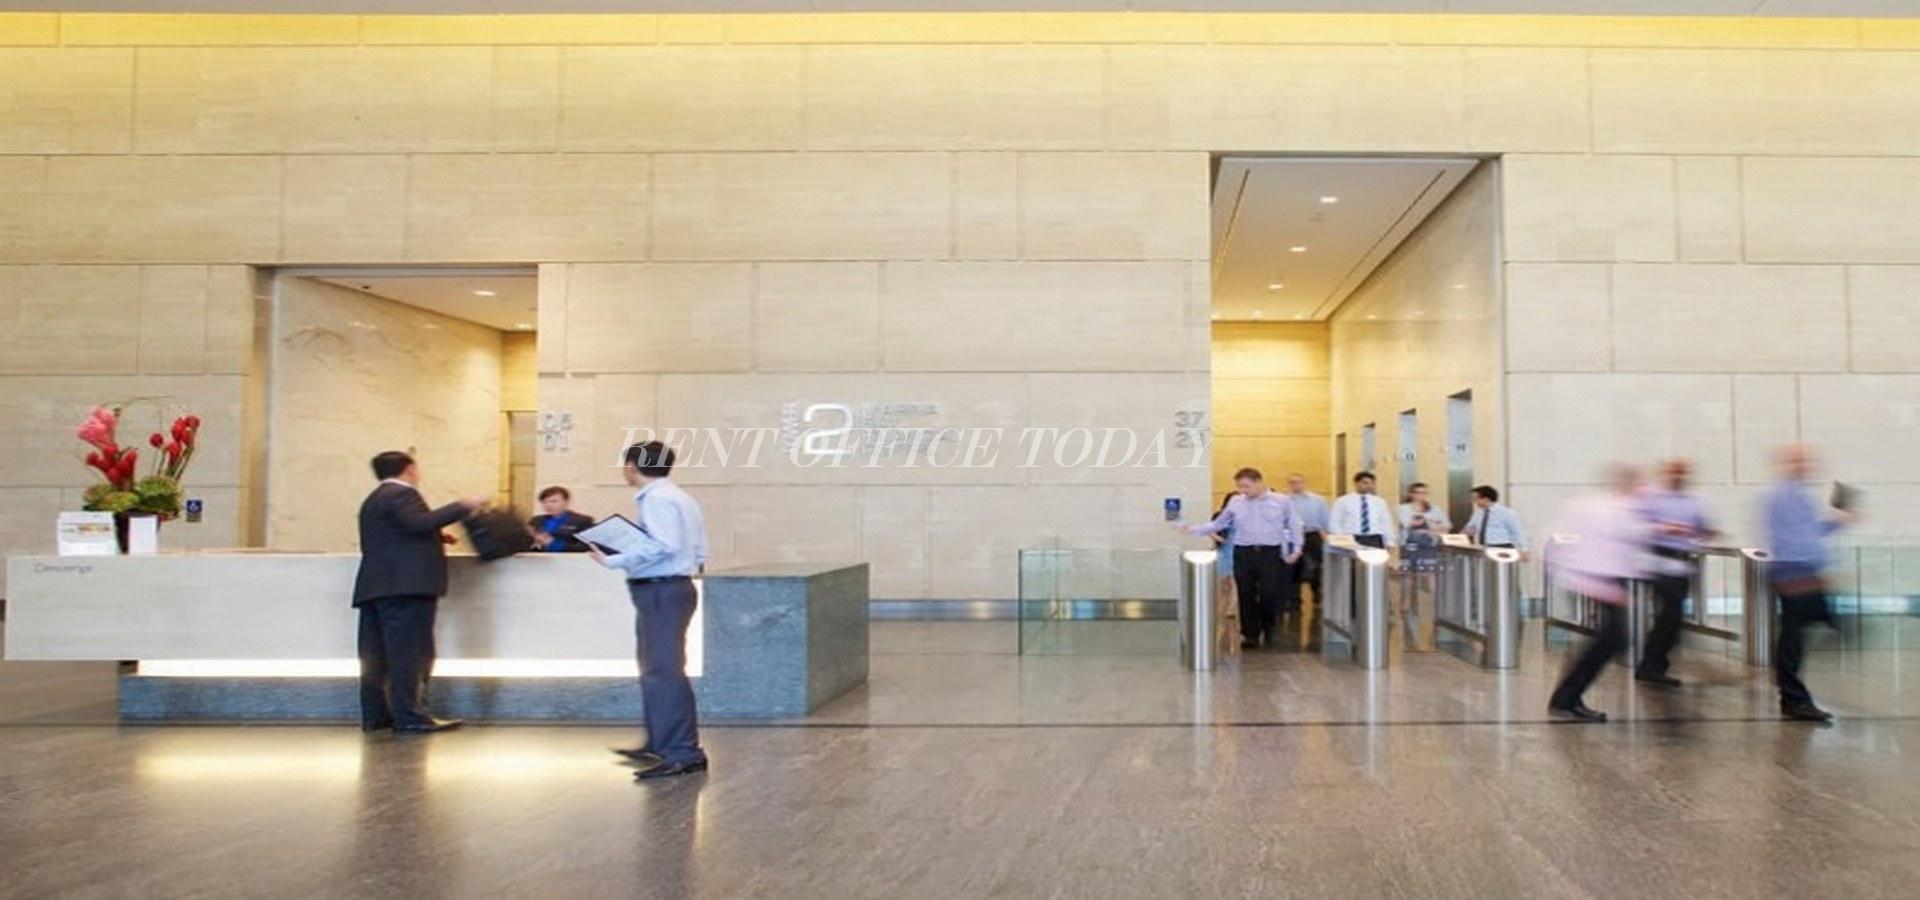 مكتب للايجار marina bay financial centre-12